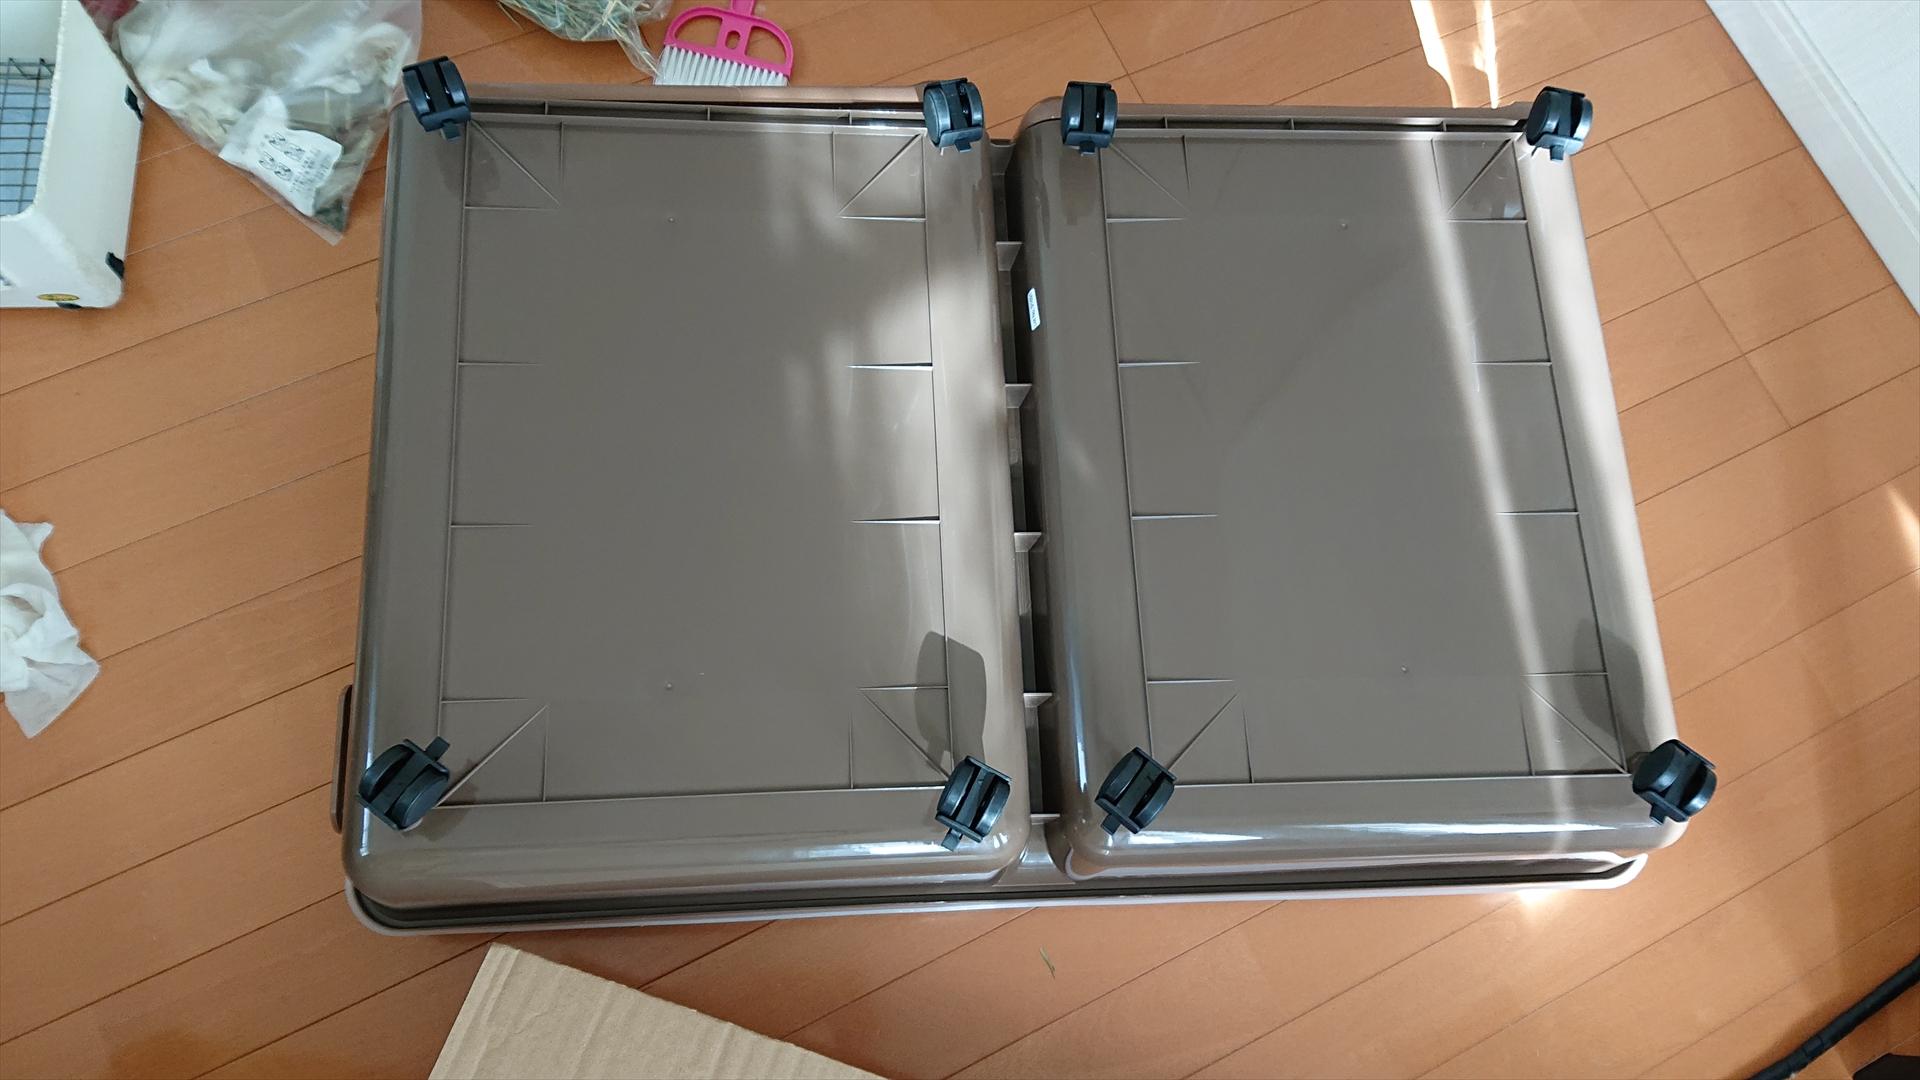 ケージの裏面です。裏にはキャスター(またはゴム付きストッパー)が8個あります。以前使っていたイージーホーム80は4個だったのですが、こちらは8個でもうキャスターが折れることはないでしょう!